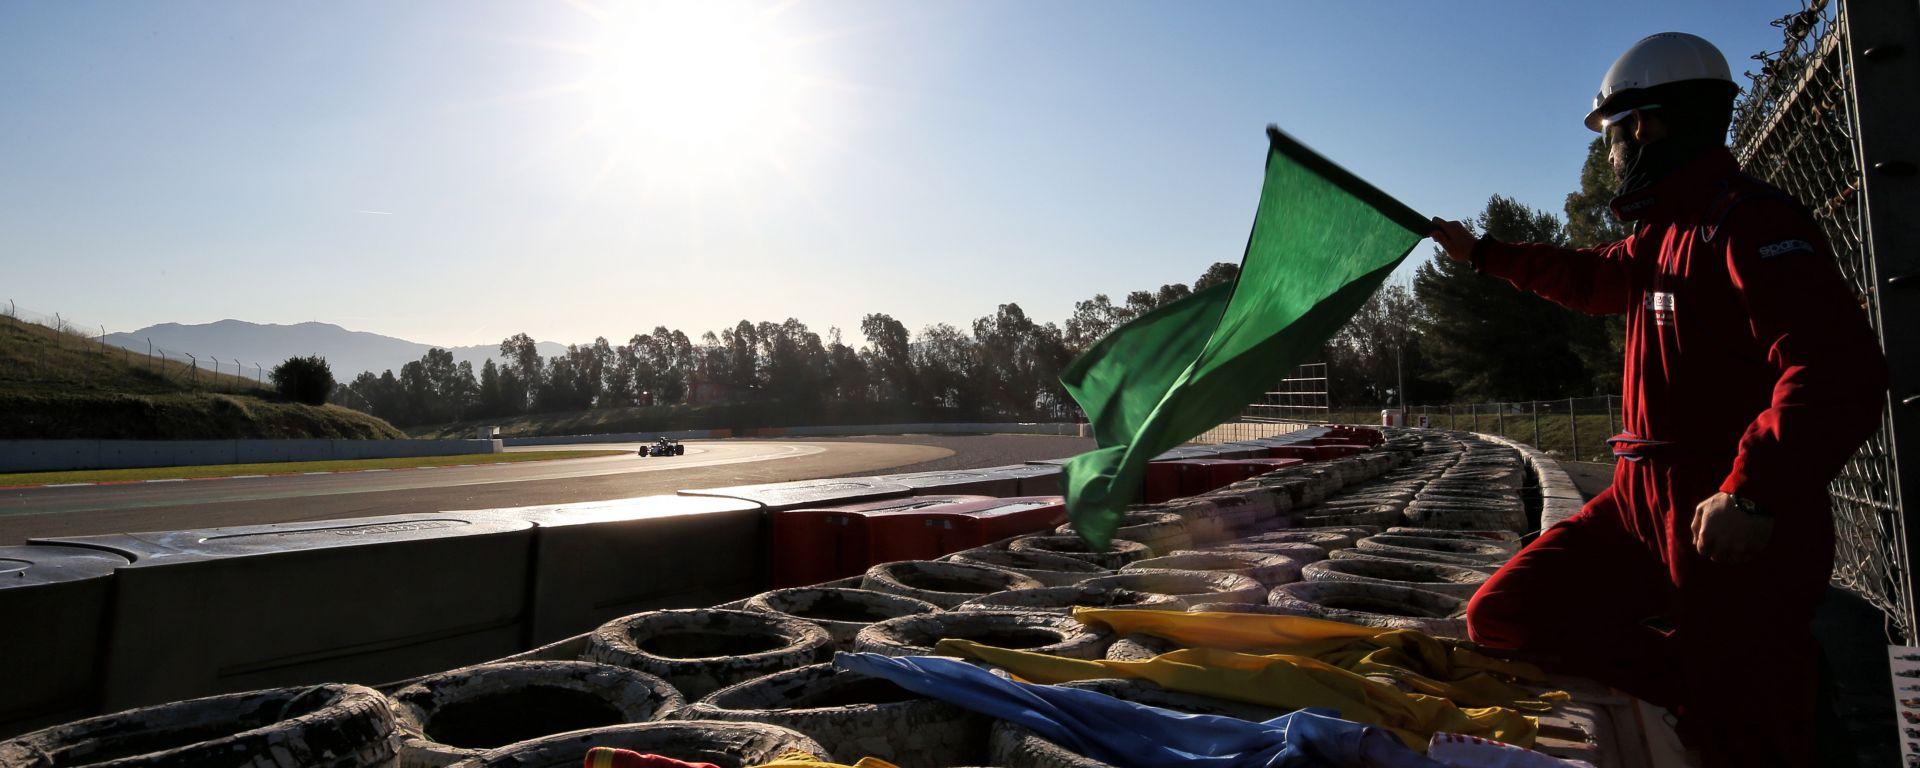 F1 2020, un commissario sventola la bandiera verde